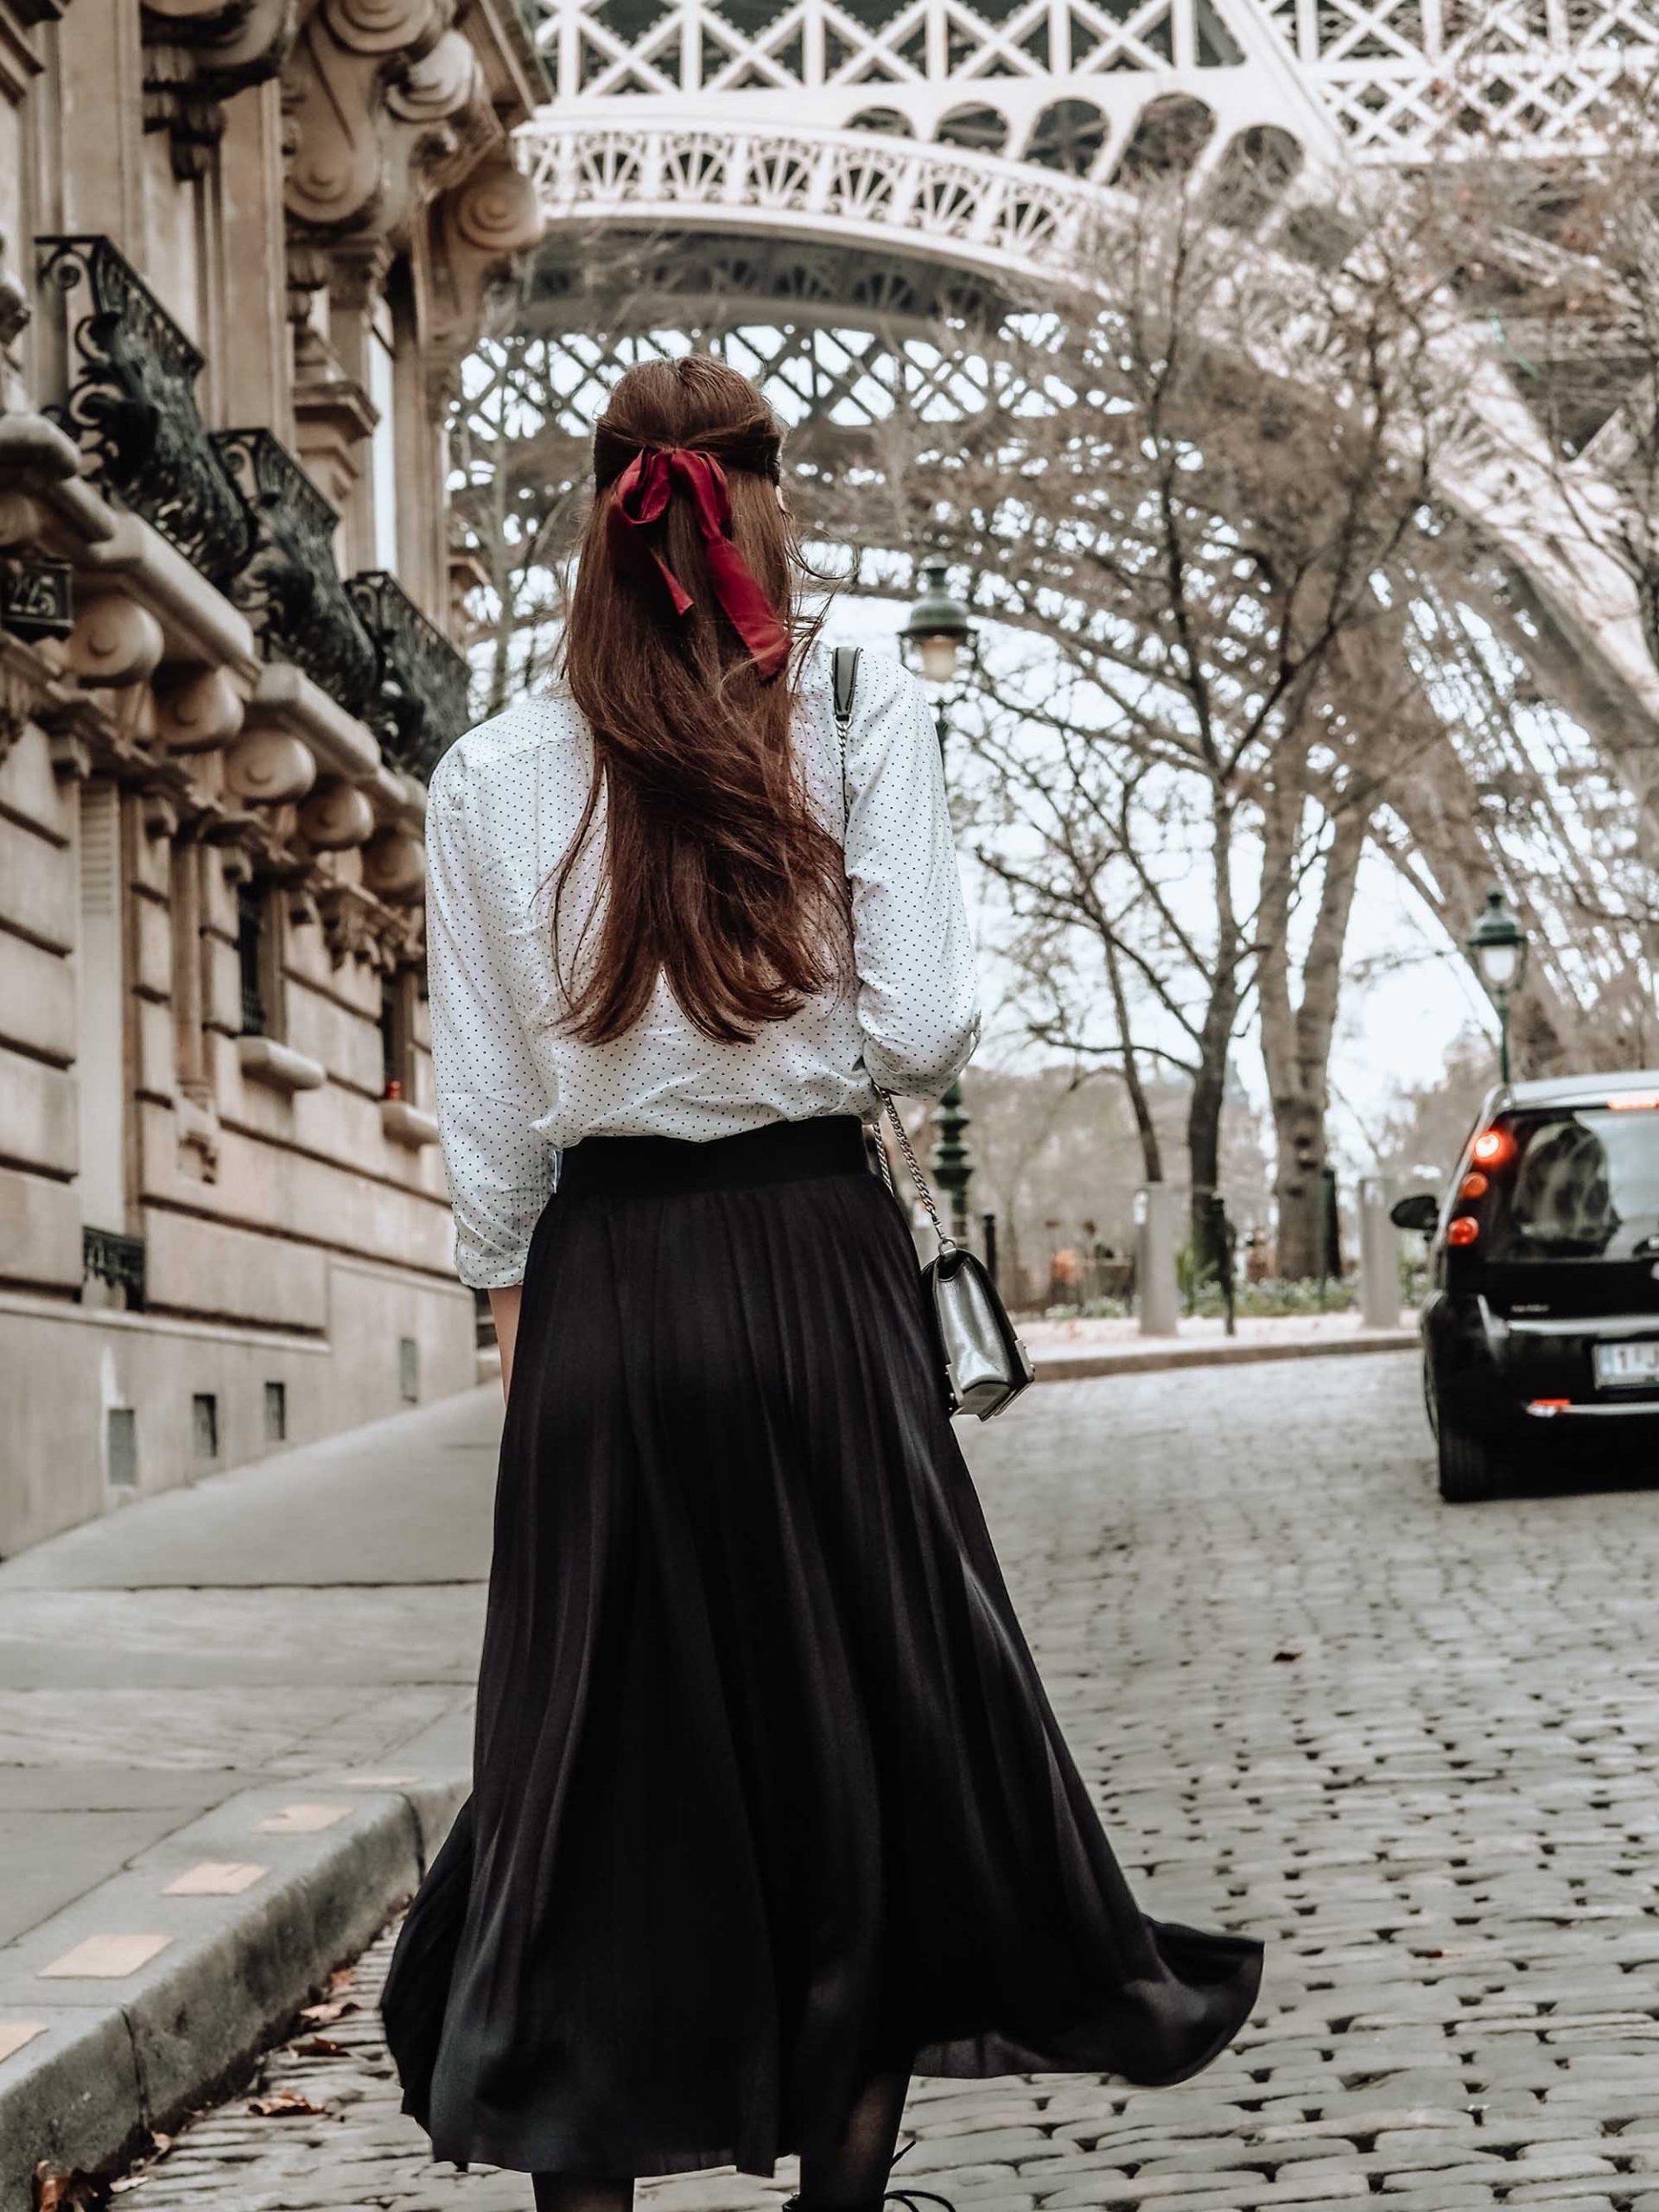 Cô gái nước Pháp tận hưởng niềm vui đi dạo